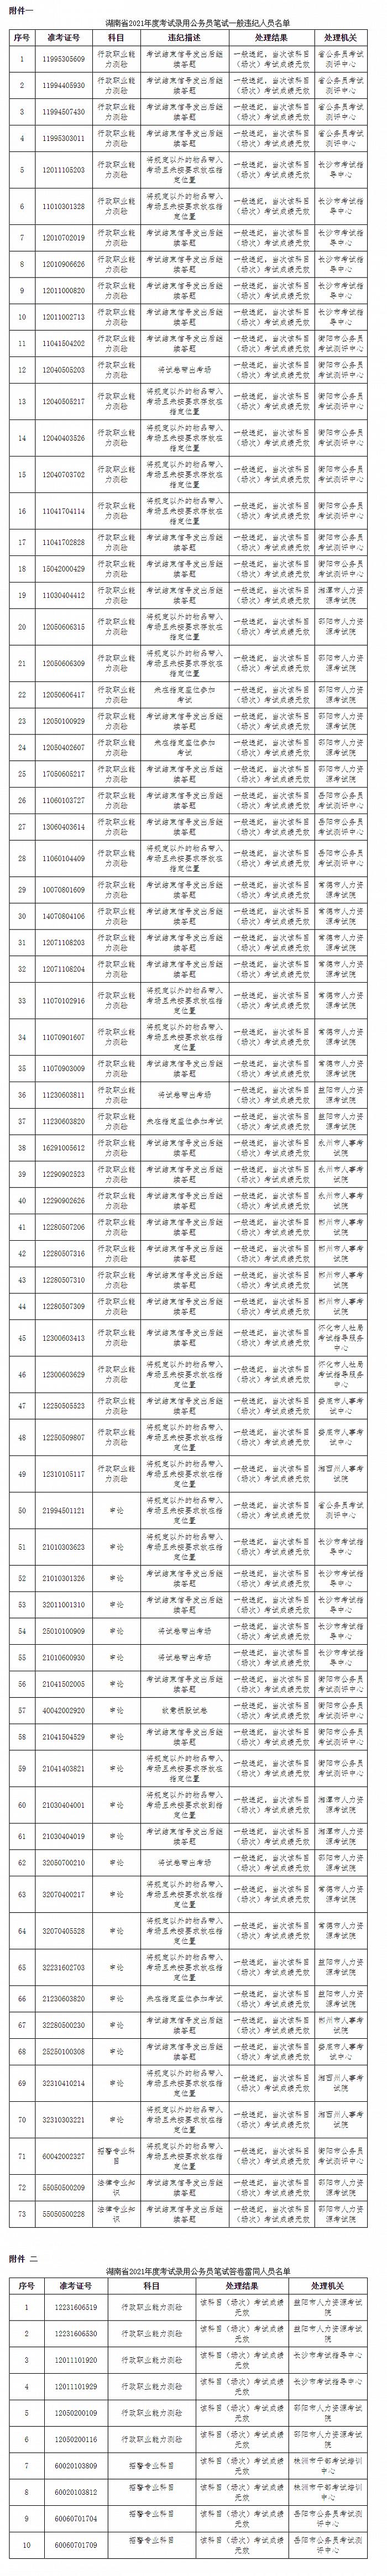 湖南省2021年度公务员考试违纪(含雷同答卷)情况公告